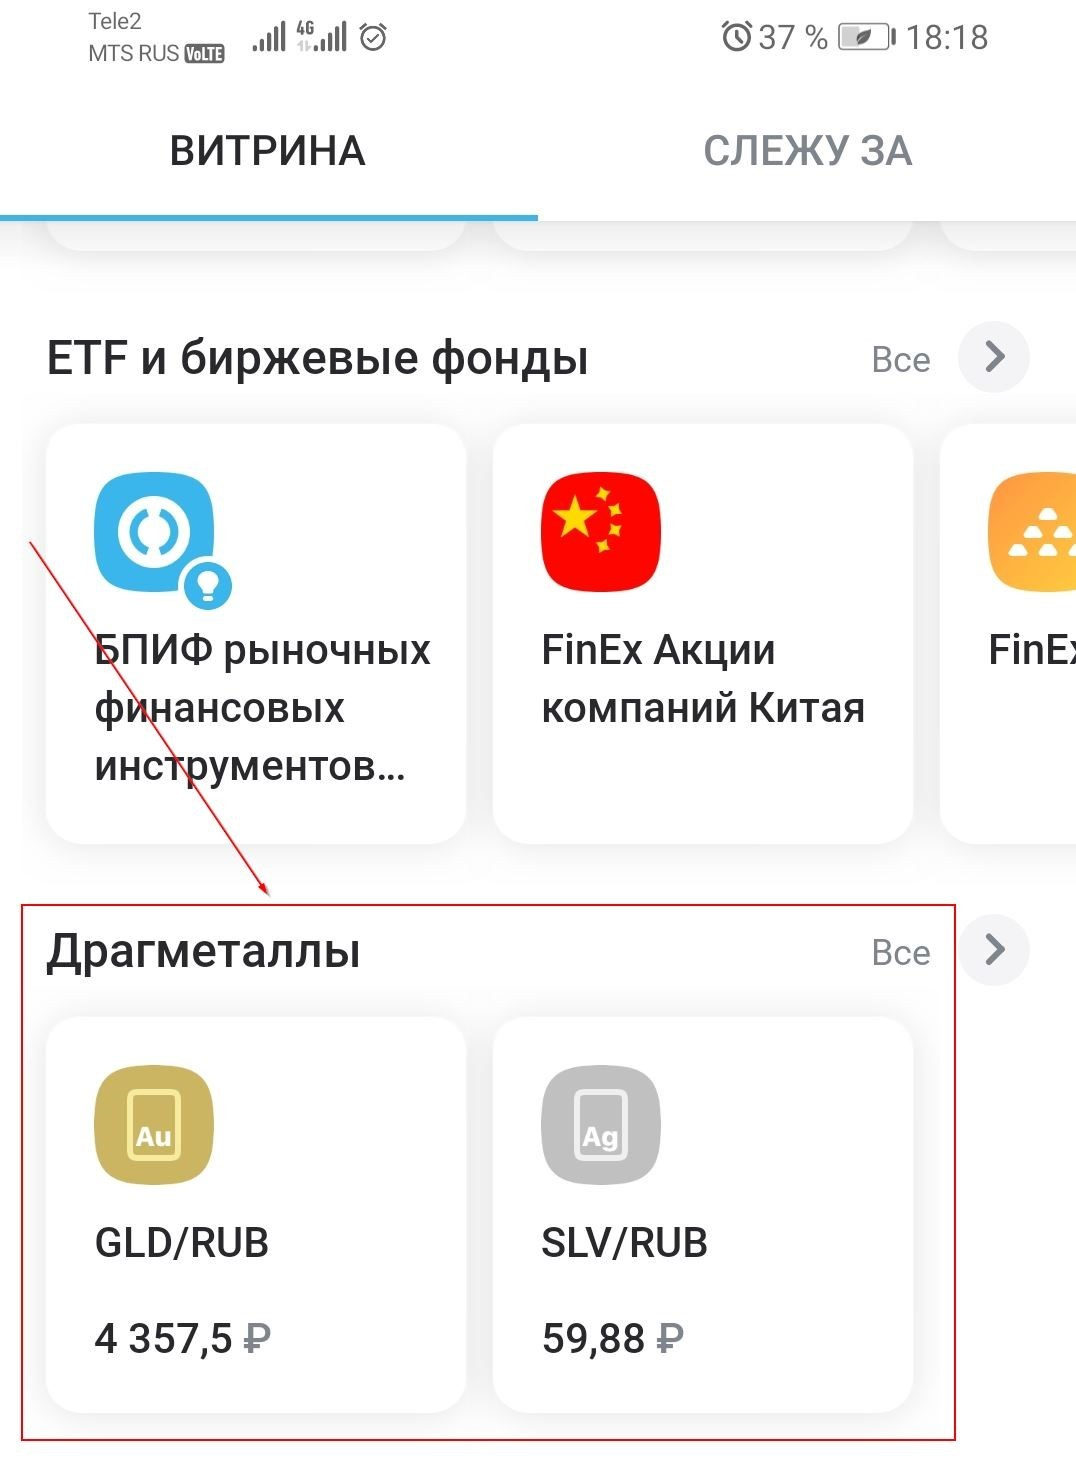 Драгметаллы доступны в приложении «Открытие Инвестиции» в разделе «Витрина»